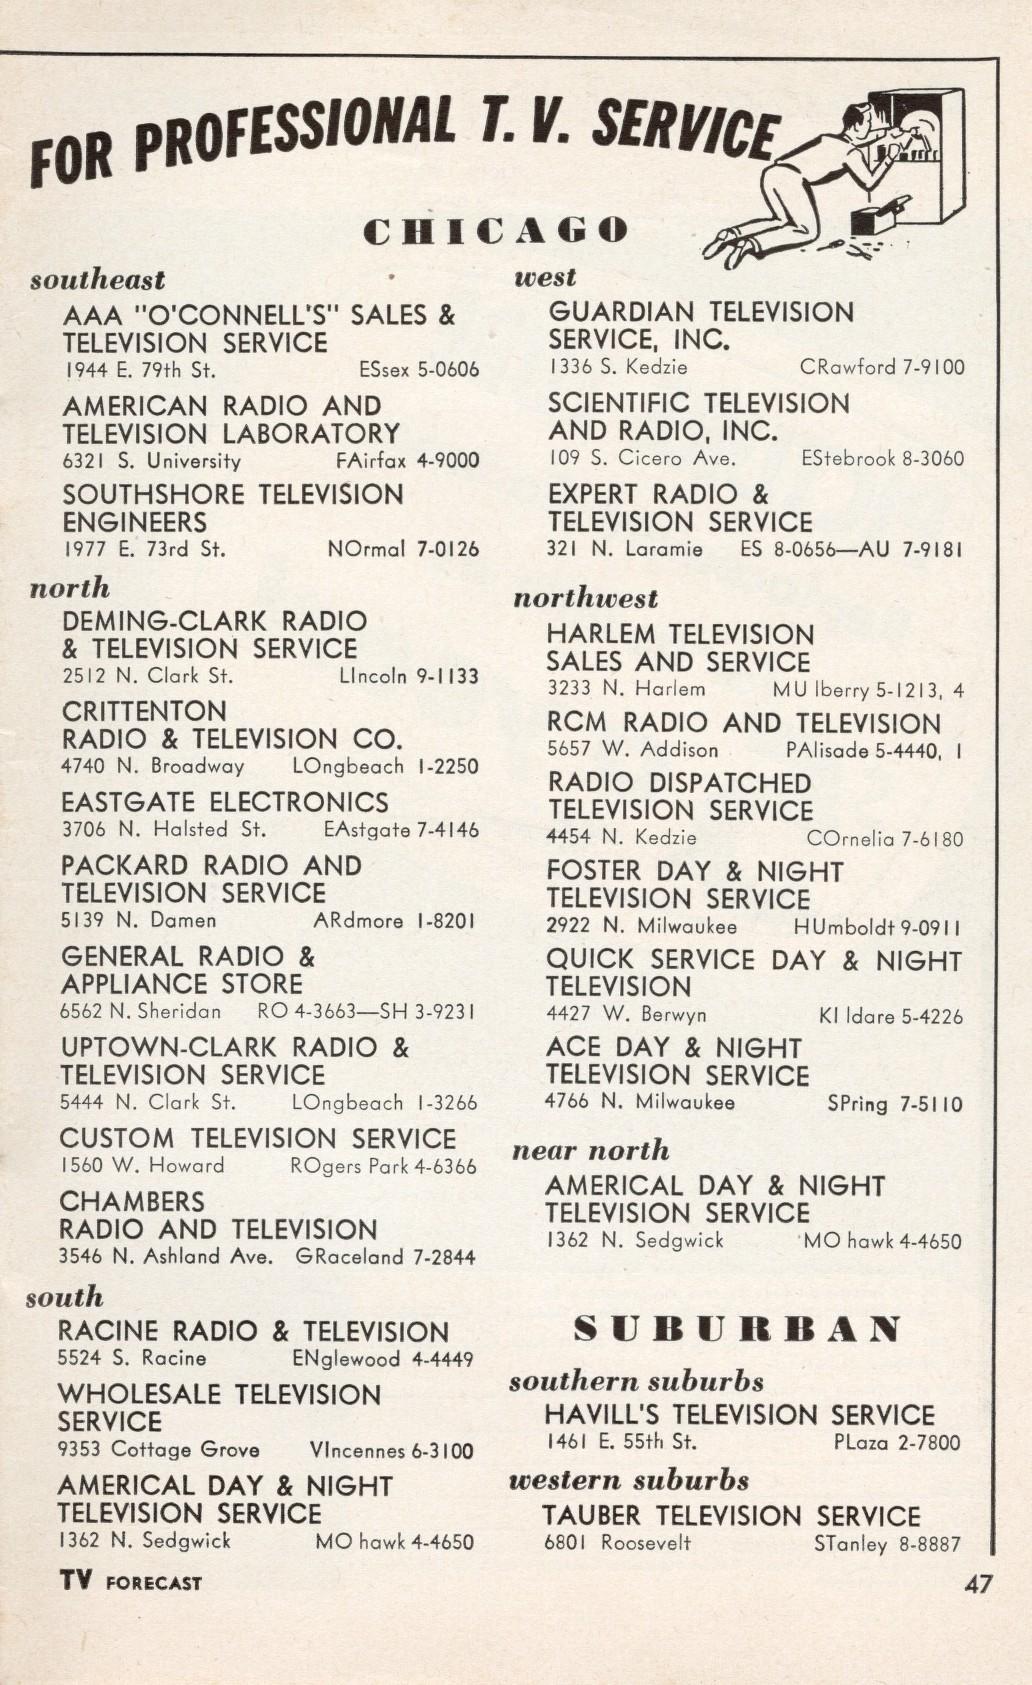 Tvforecast-chicago-1951-12-15_jp2.zip&file=tvforecast-chicago-1951-12-15_jp2%2ftvforecast-chicago-1951-12-15_0046